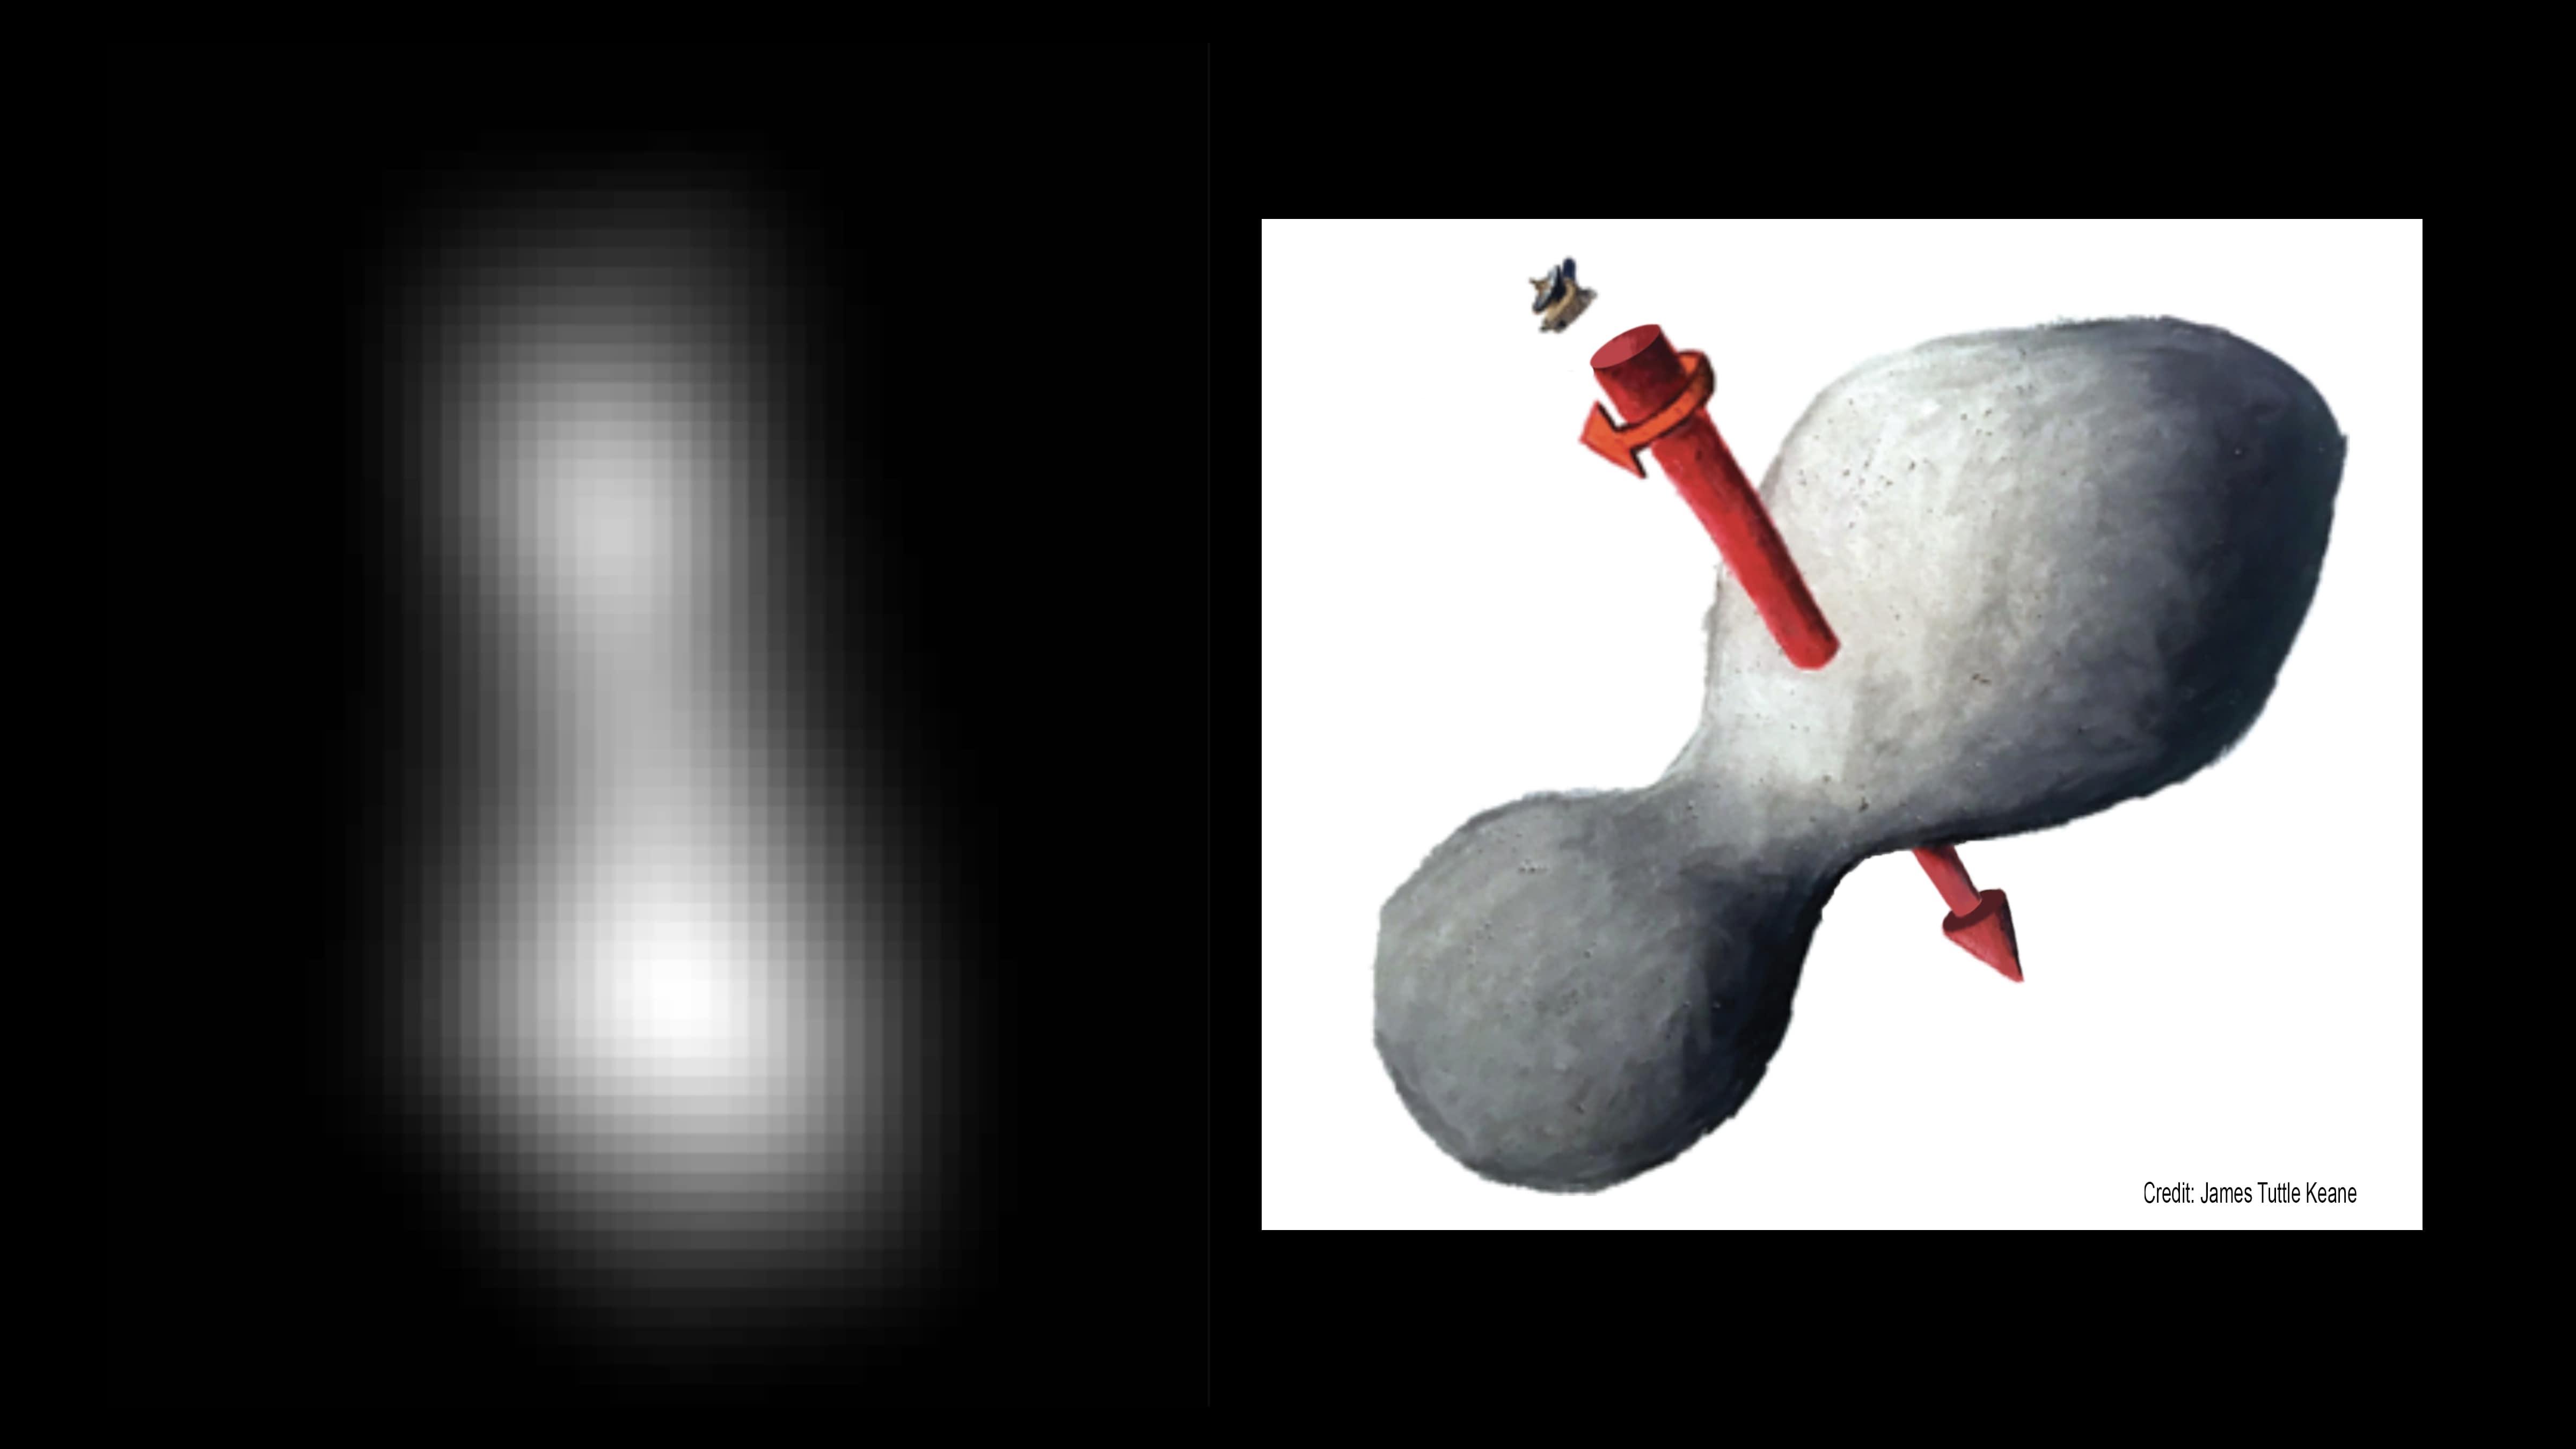 Ultima Thule, objet inédit découvert par la NASA